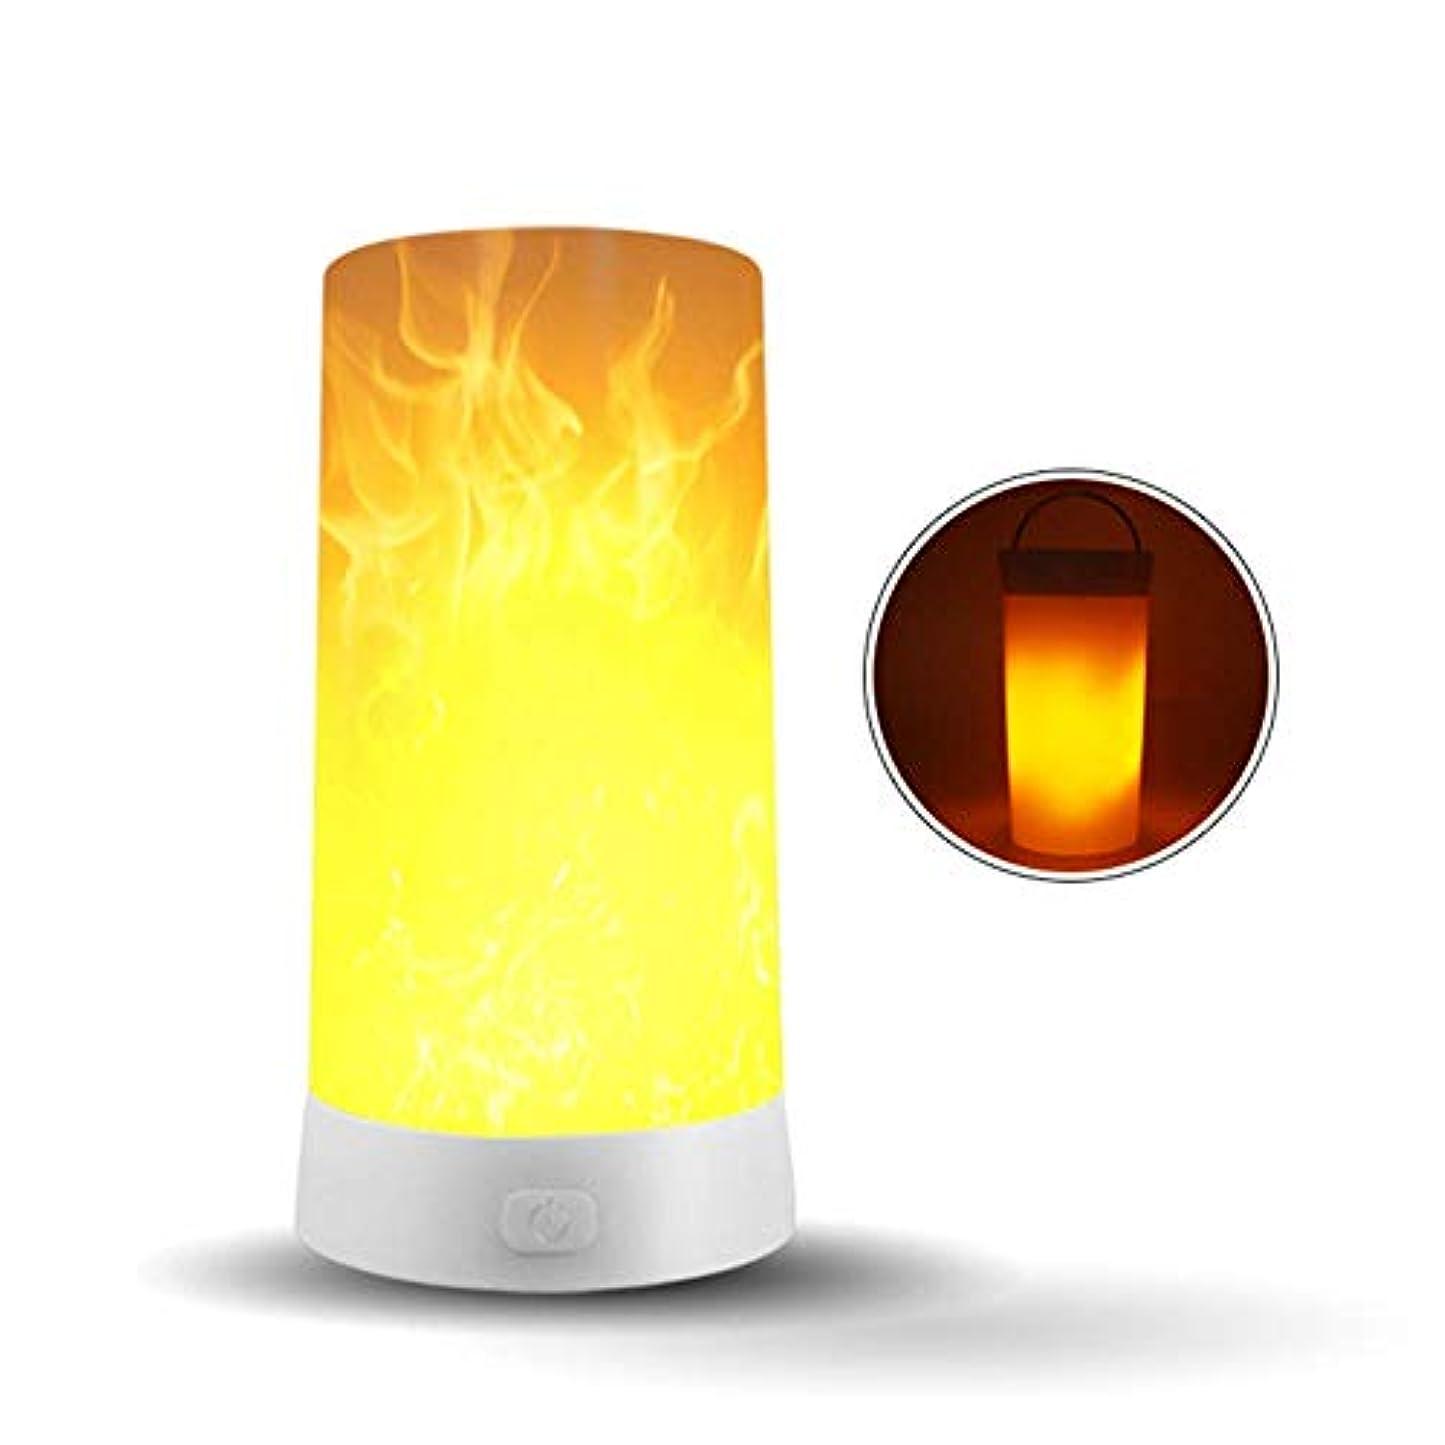 ブラウズアトム海峡LEDフレームライト、屋内屋外LEDフレームエフェクトライト、逆さまの効果、充電式フレームランプ装飾ライトホームパーティーキャンプホテルバーのナイトライト led 炎 ledキャンドル 充電式 ledライト キャンドル...